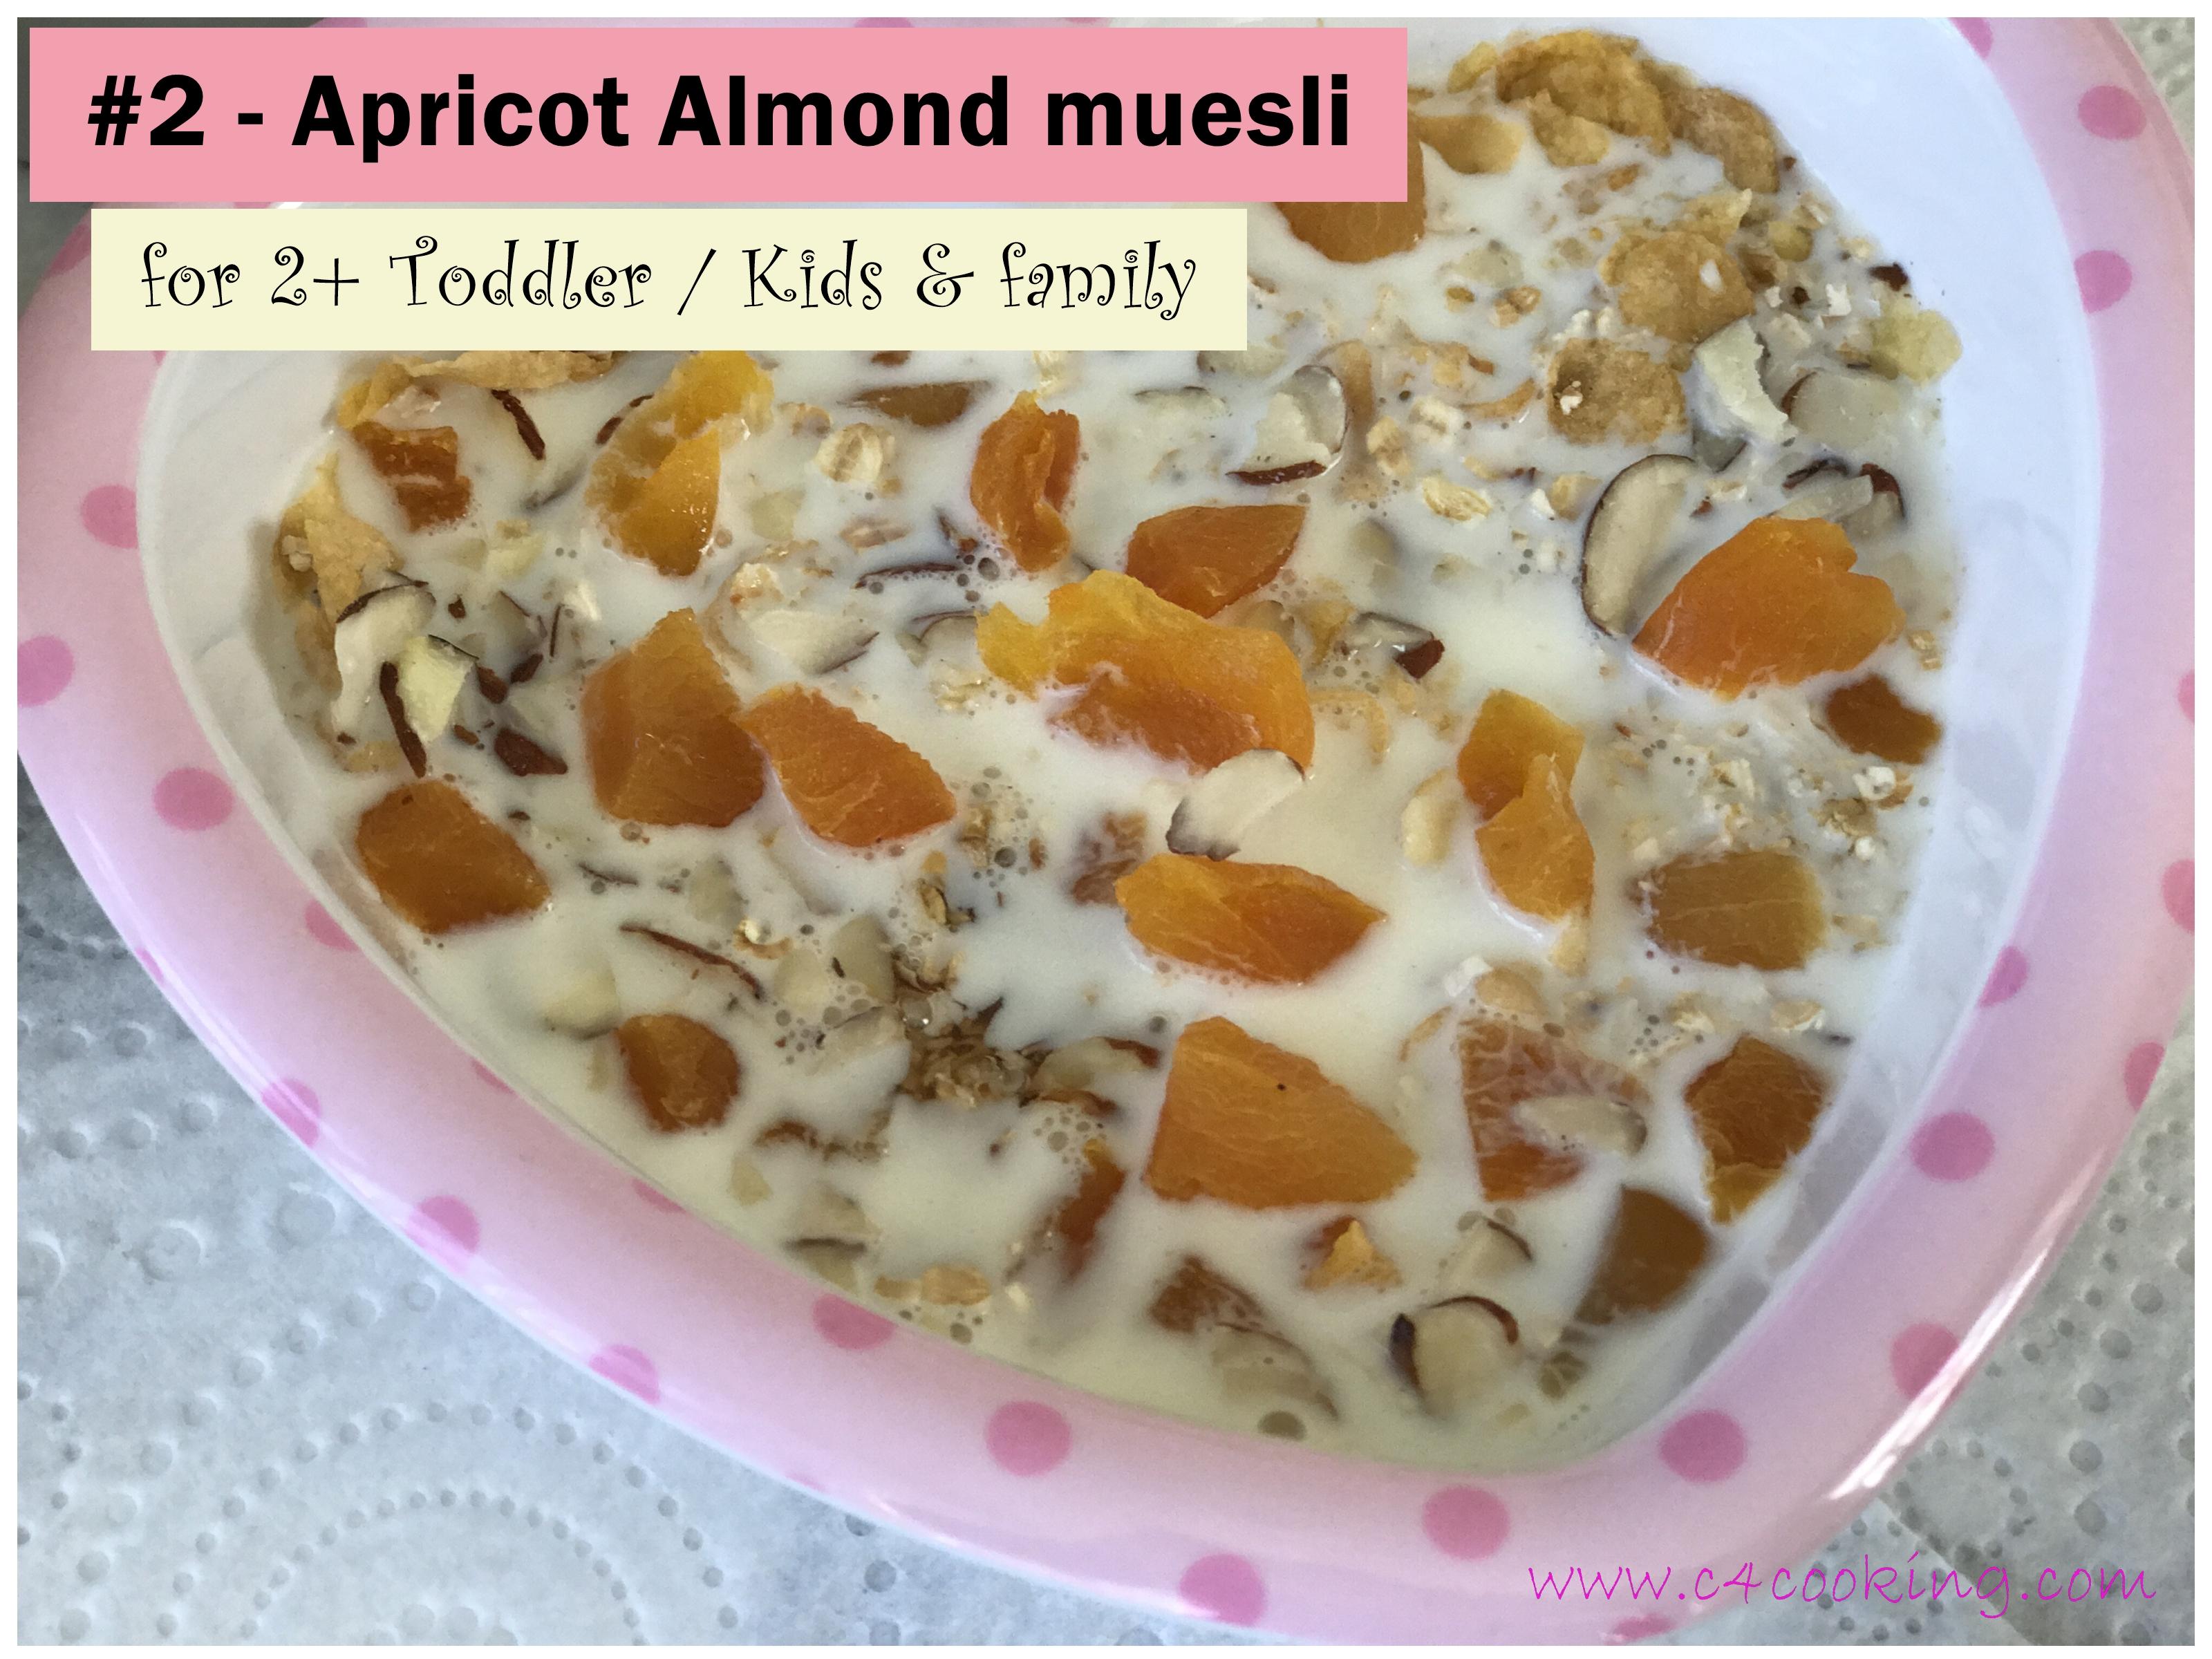 Apricot Almond muesli recipe, kids muesli recipe